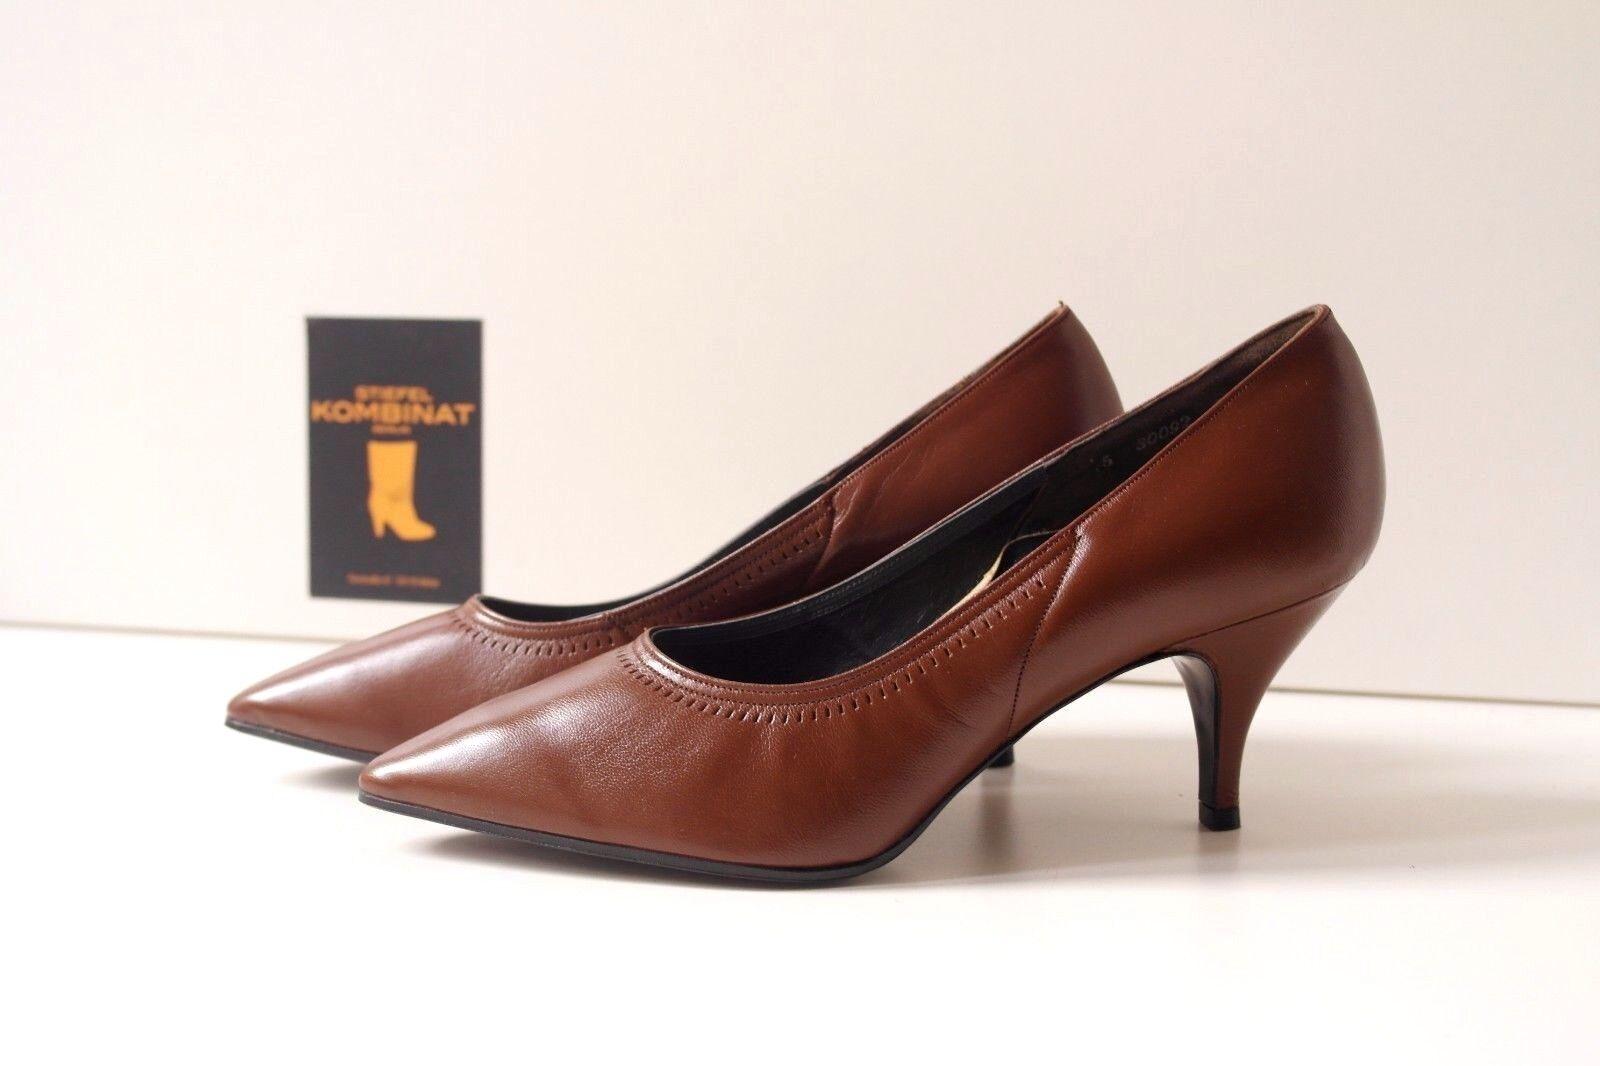 Rheinberger Madame Damen Pumps Ladis braun braun braun Schuhe TRUE VINTAGE Halbschuhe NOS c2a603